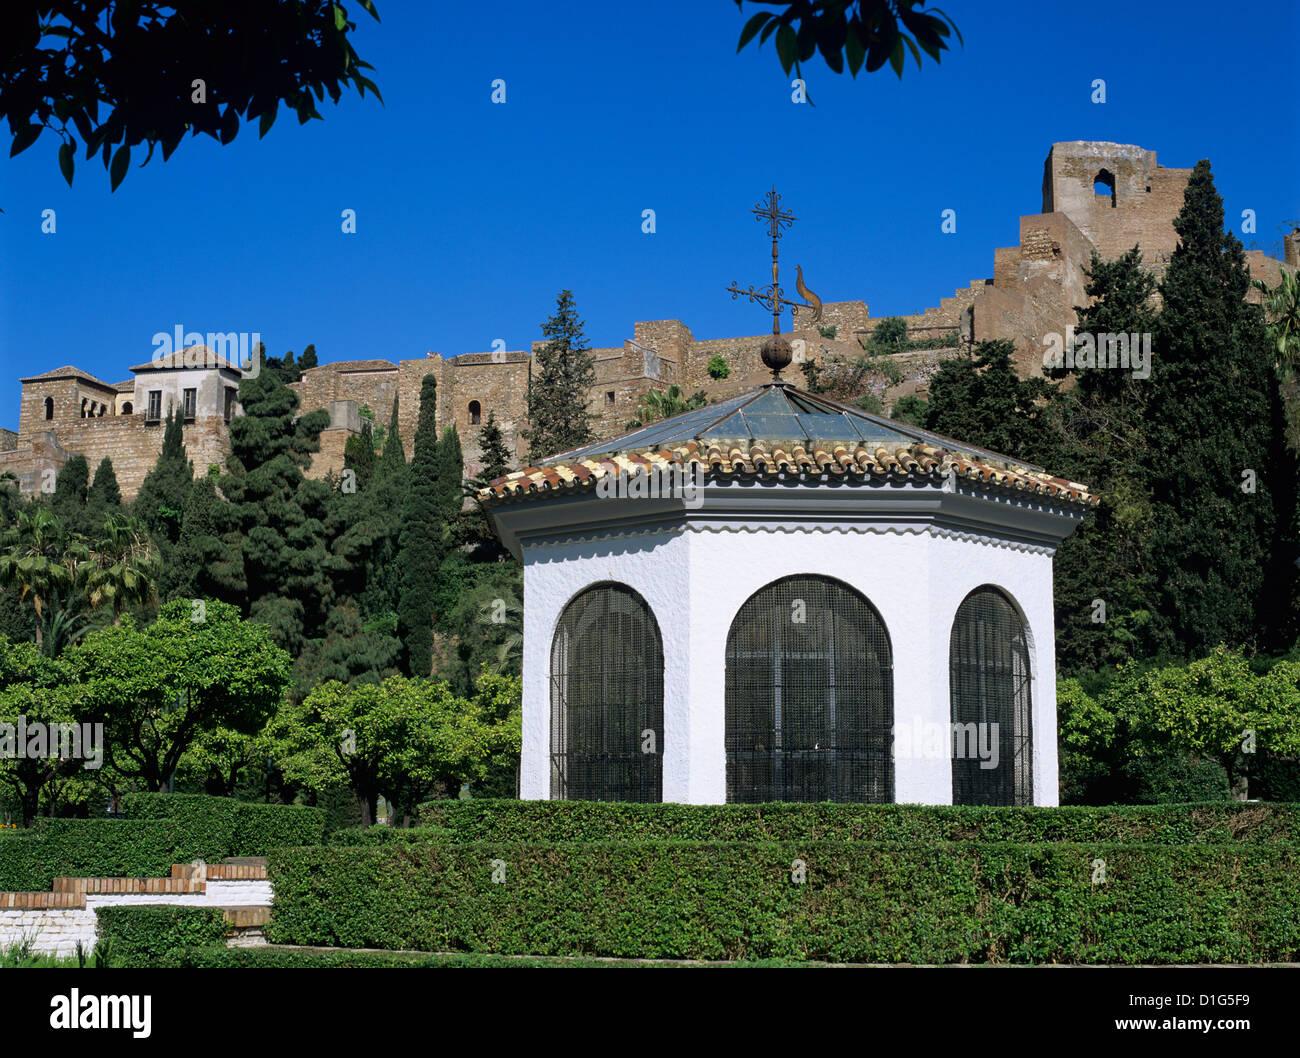 Alcazaba betrachtet aus Gärten, Malaga, Andalusien, Spanien, Europa Stockbild